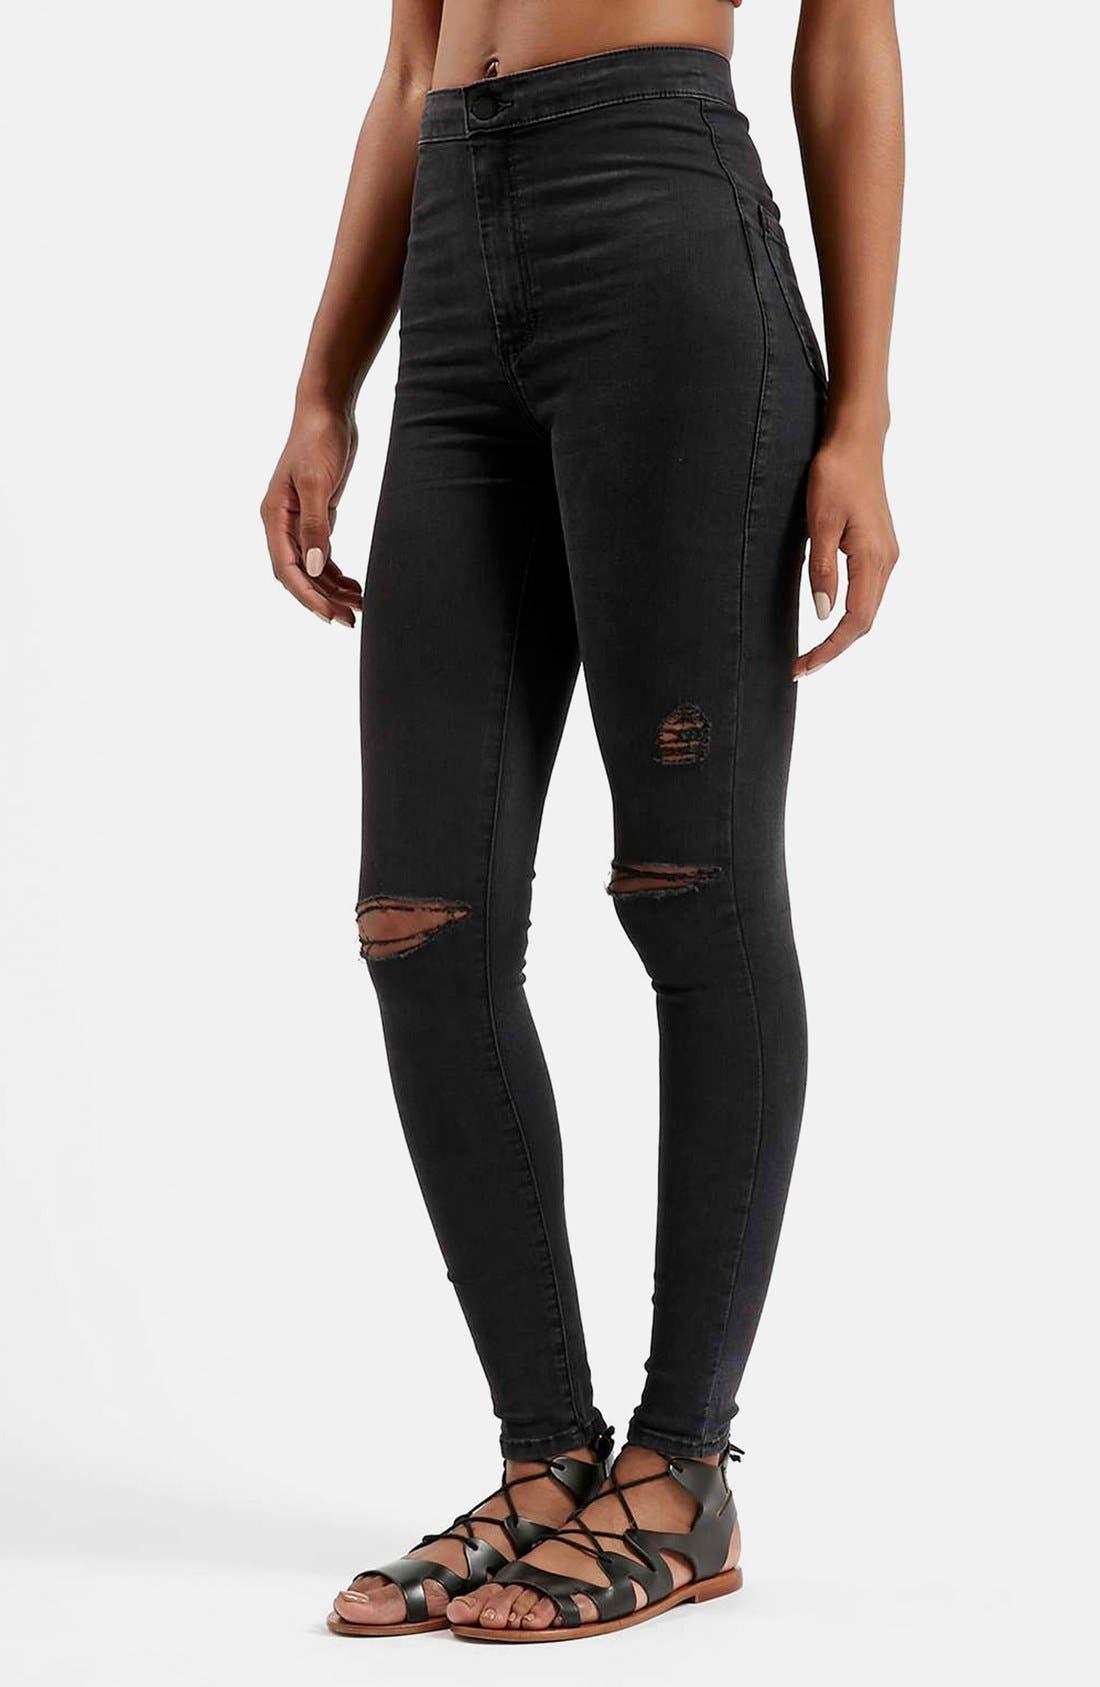 Main Image - Topshop Moto 'Joni' Ripped Skinny Jeans (Black)